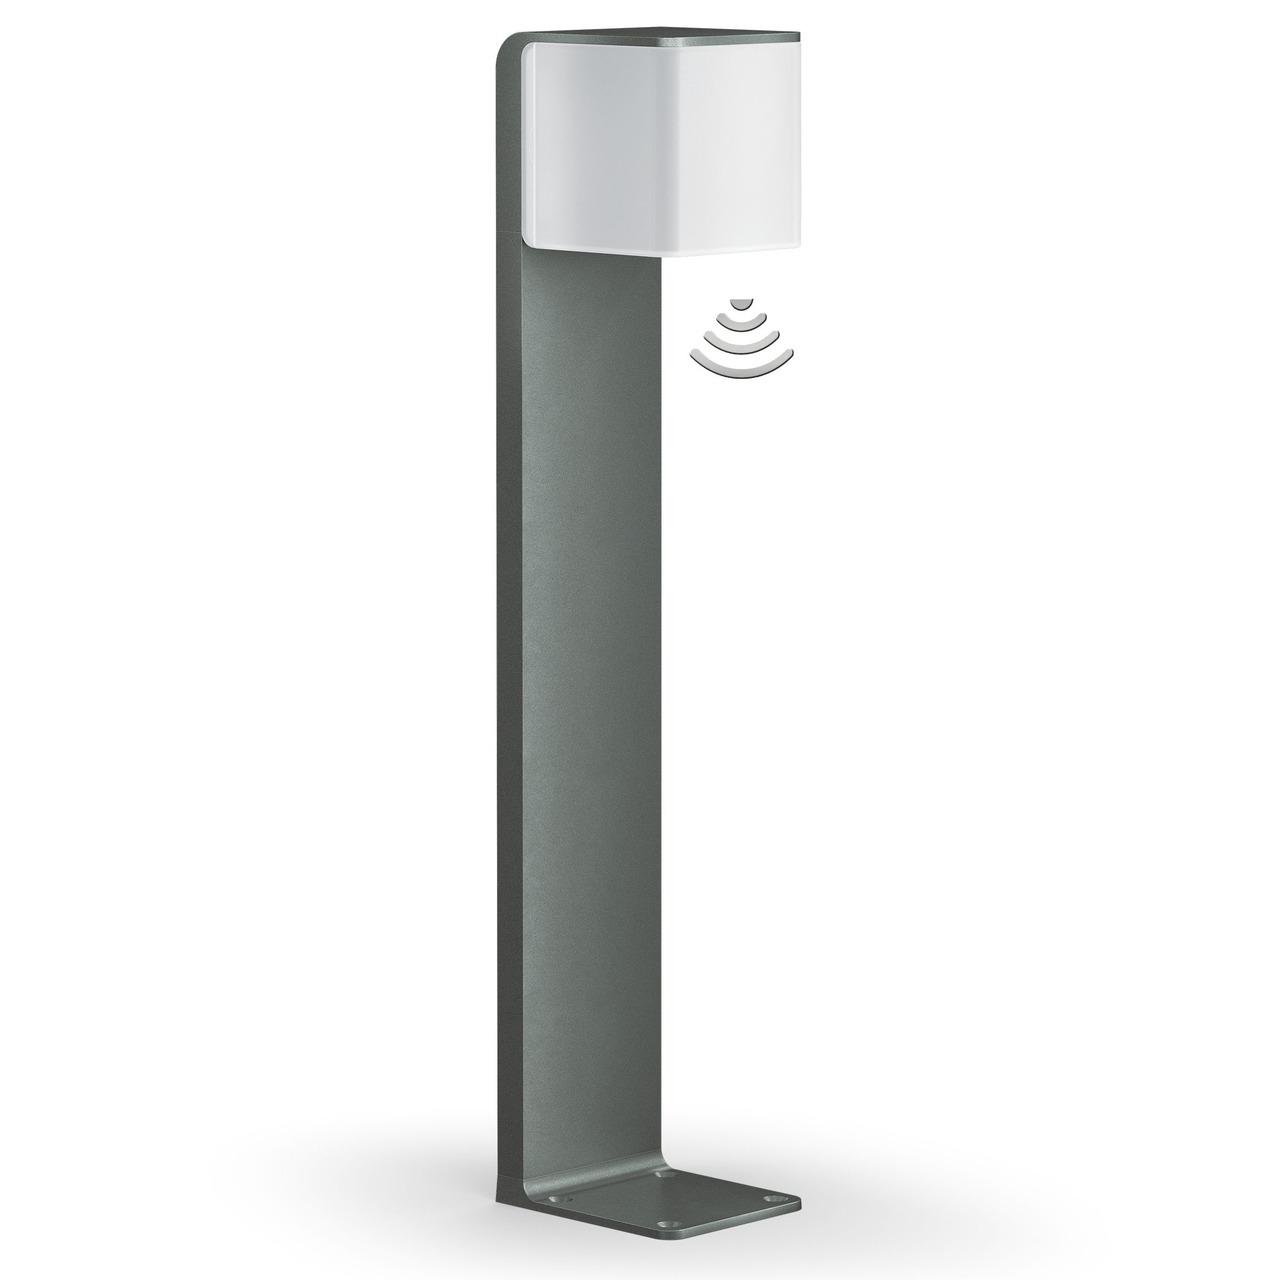 Steinel GL80 LED iHF 9-5-W-Sensor-LED-Standleuchte mit HF-Bewegungsmelder- per App einstellbar